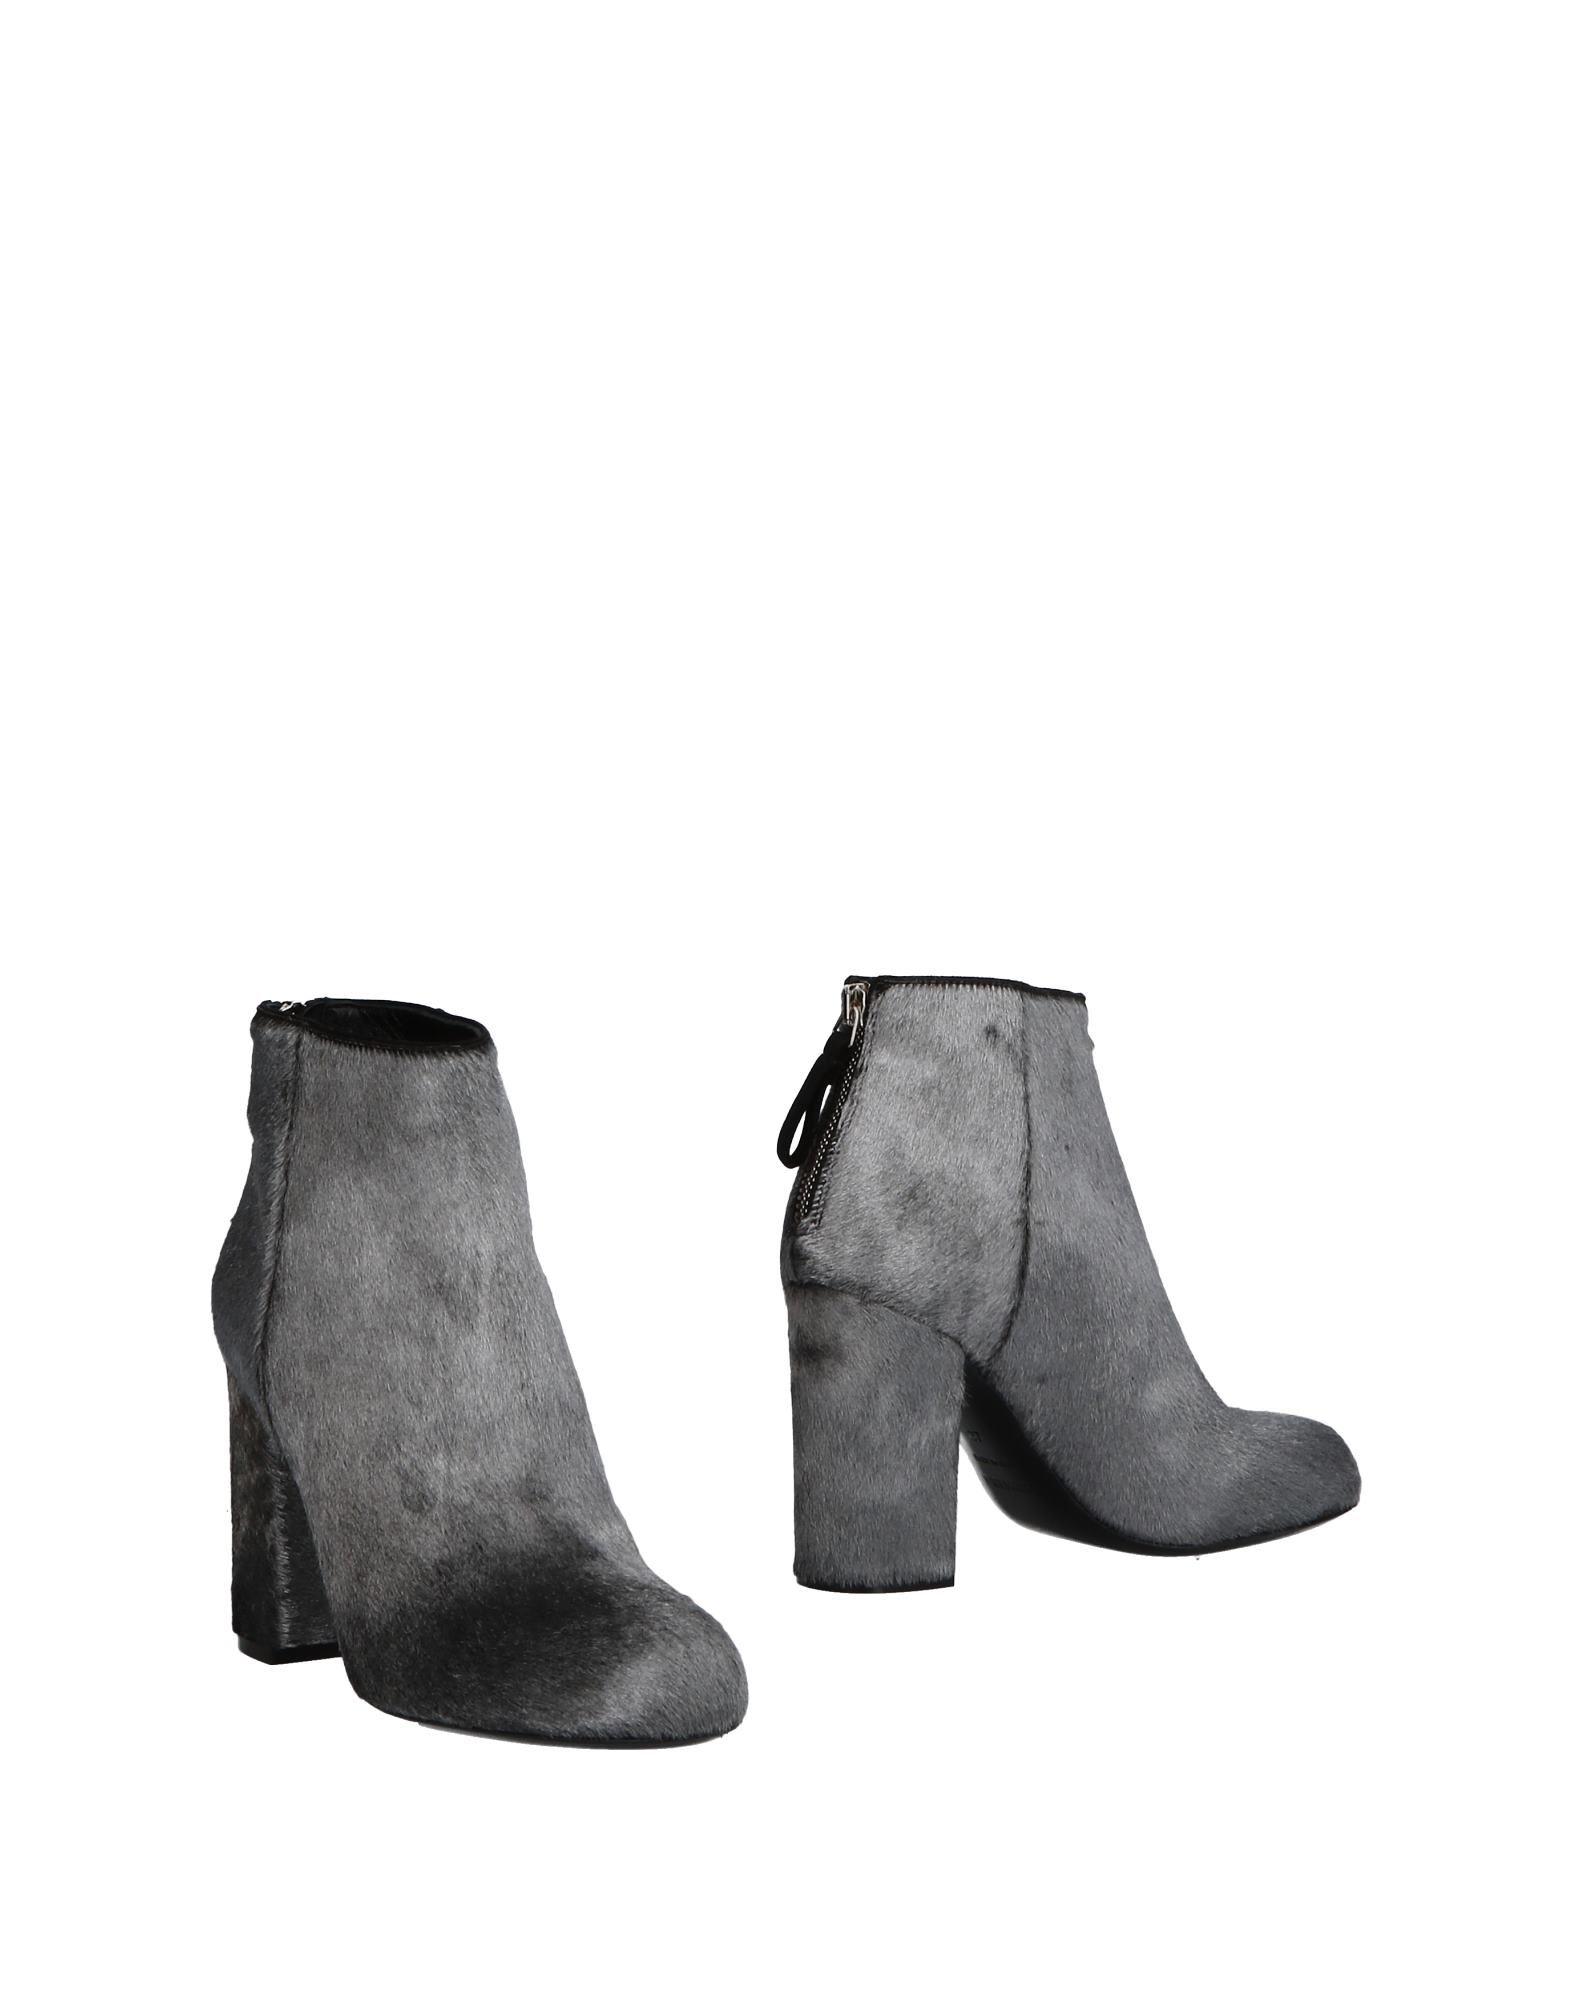 Premiata Stiefelette Damen  11502509NXGünstige Schuhe gut aussehende Schuhe 11502509NXGünstige b41df6